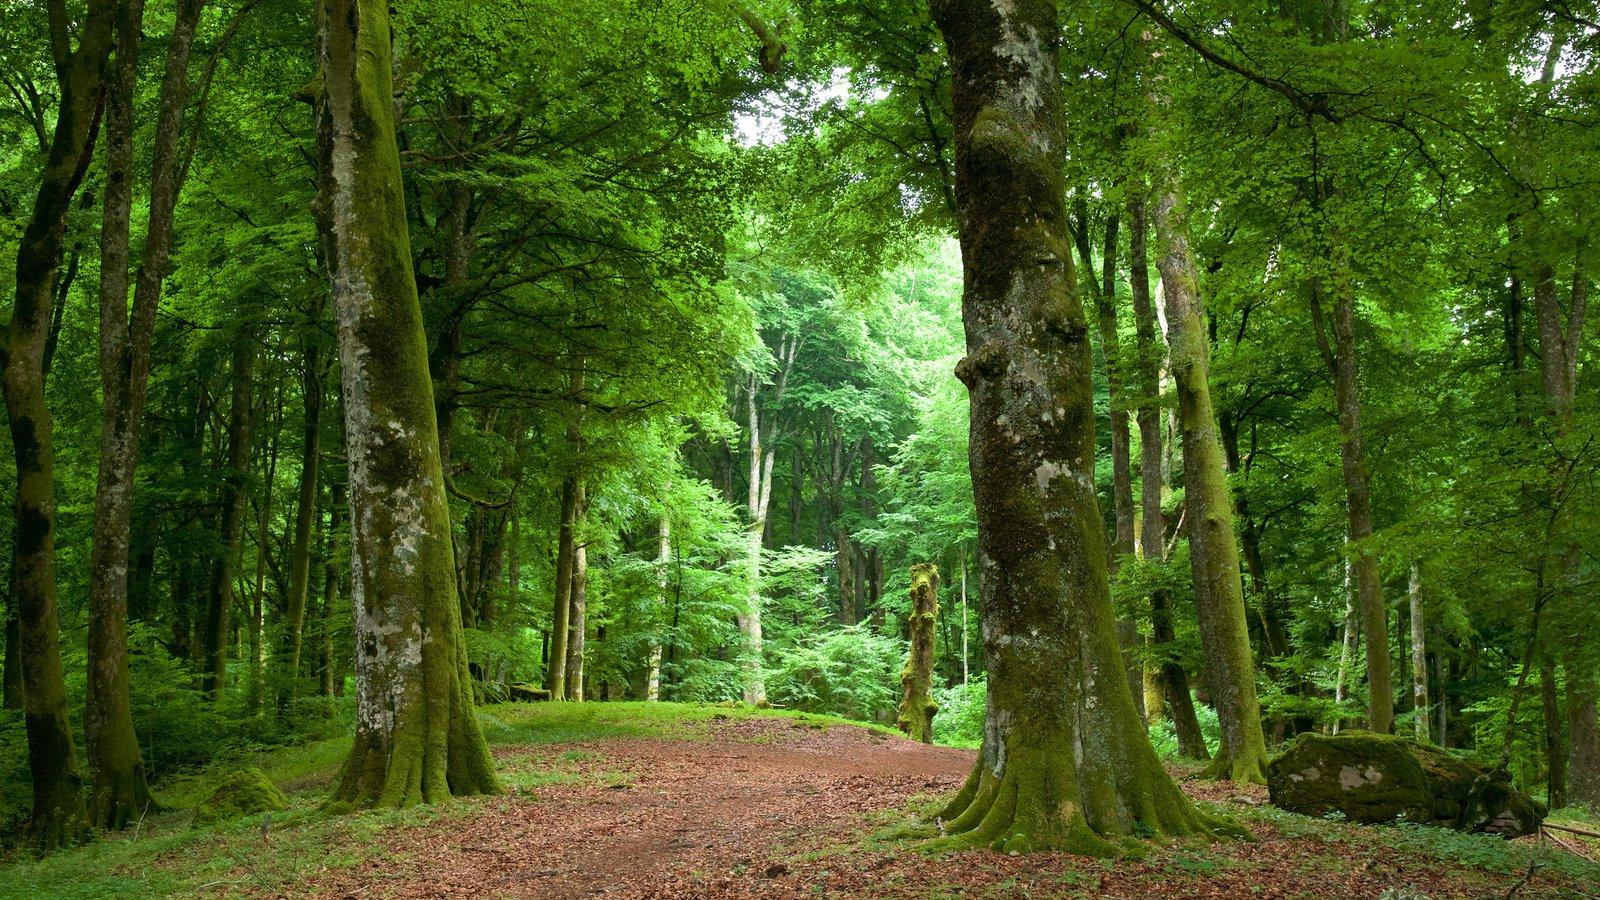 Soriano nel Cimino which includes forest scenes